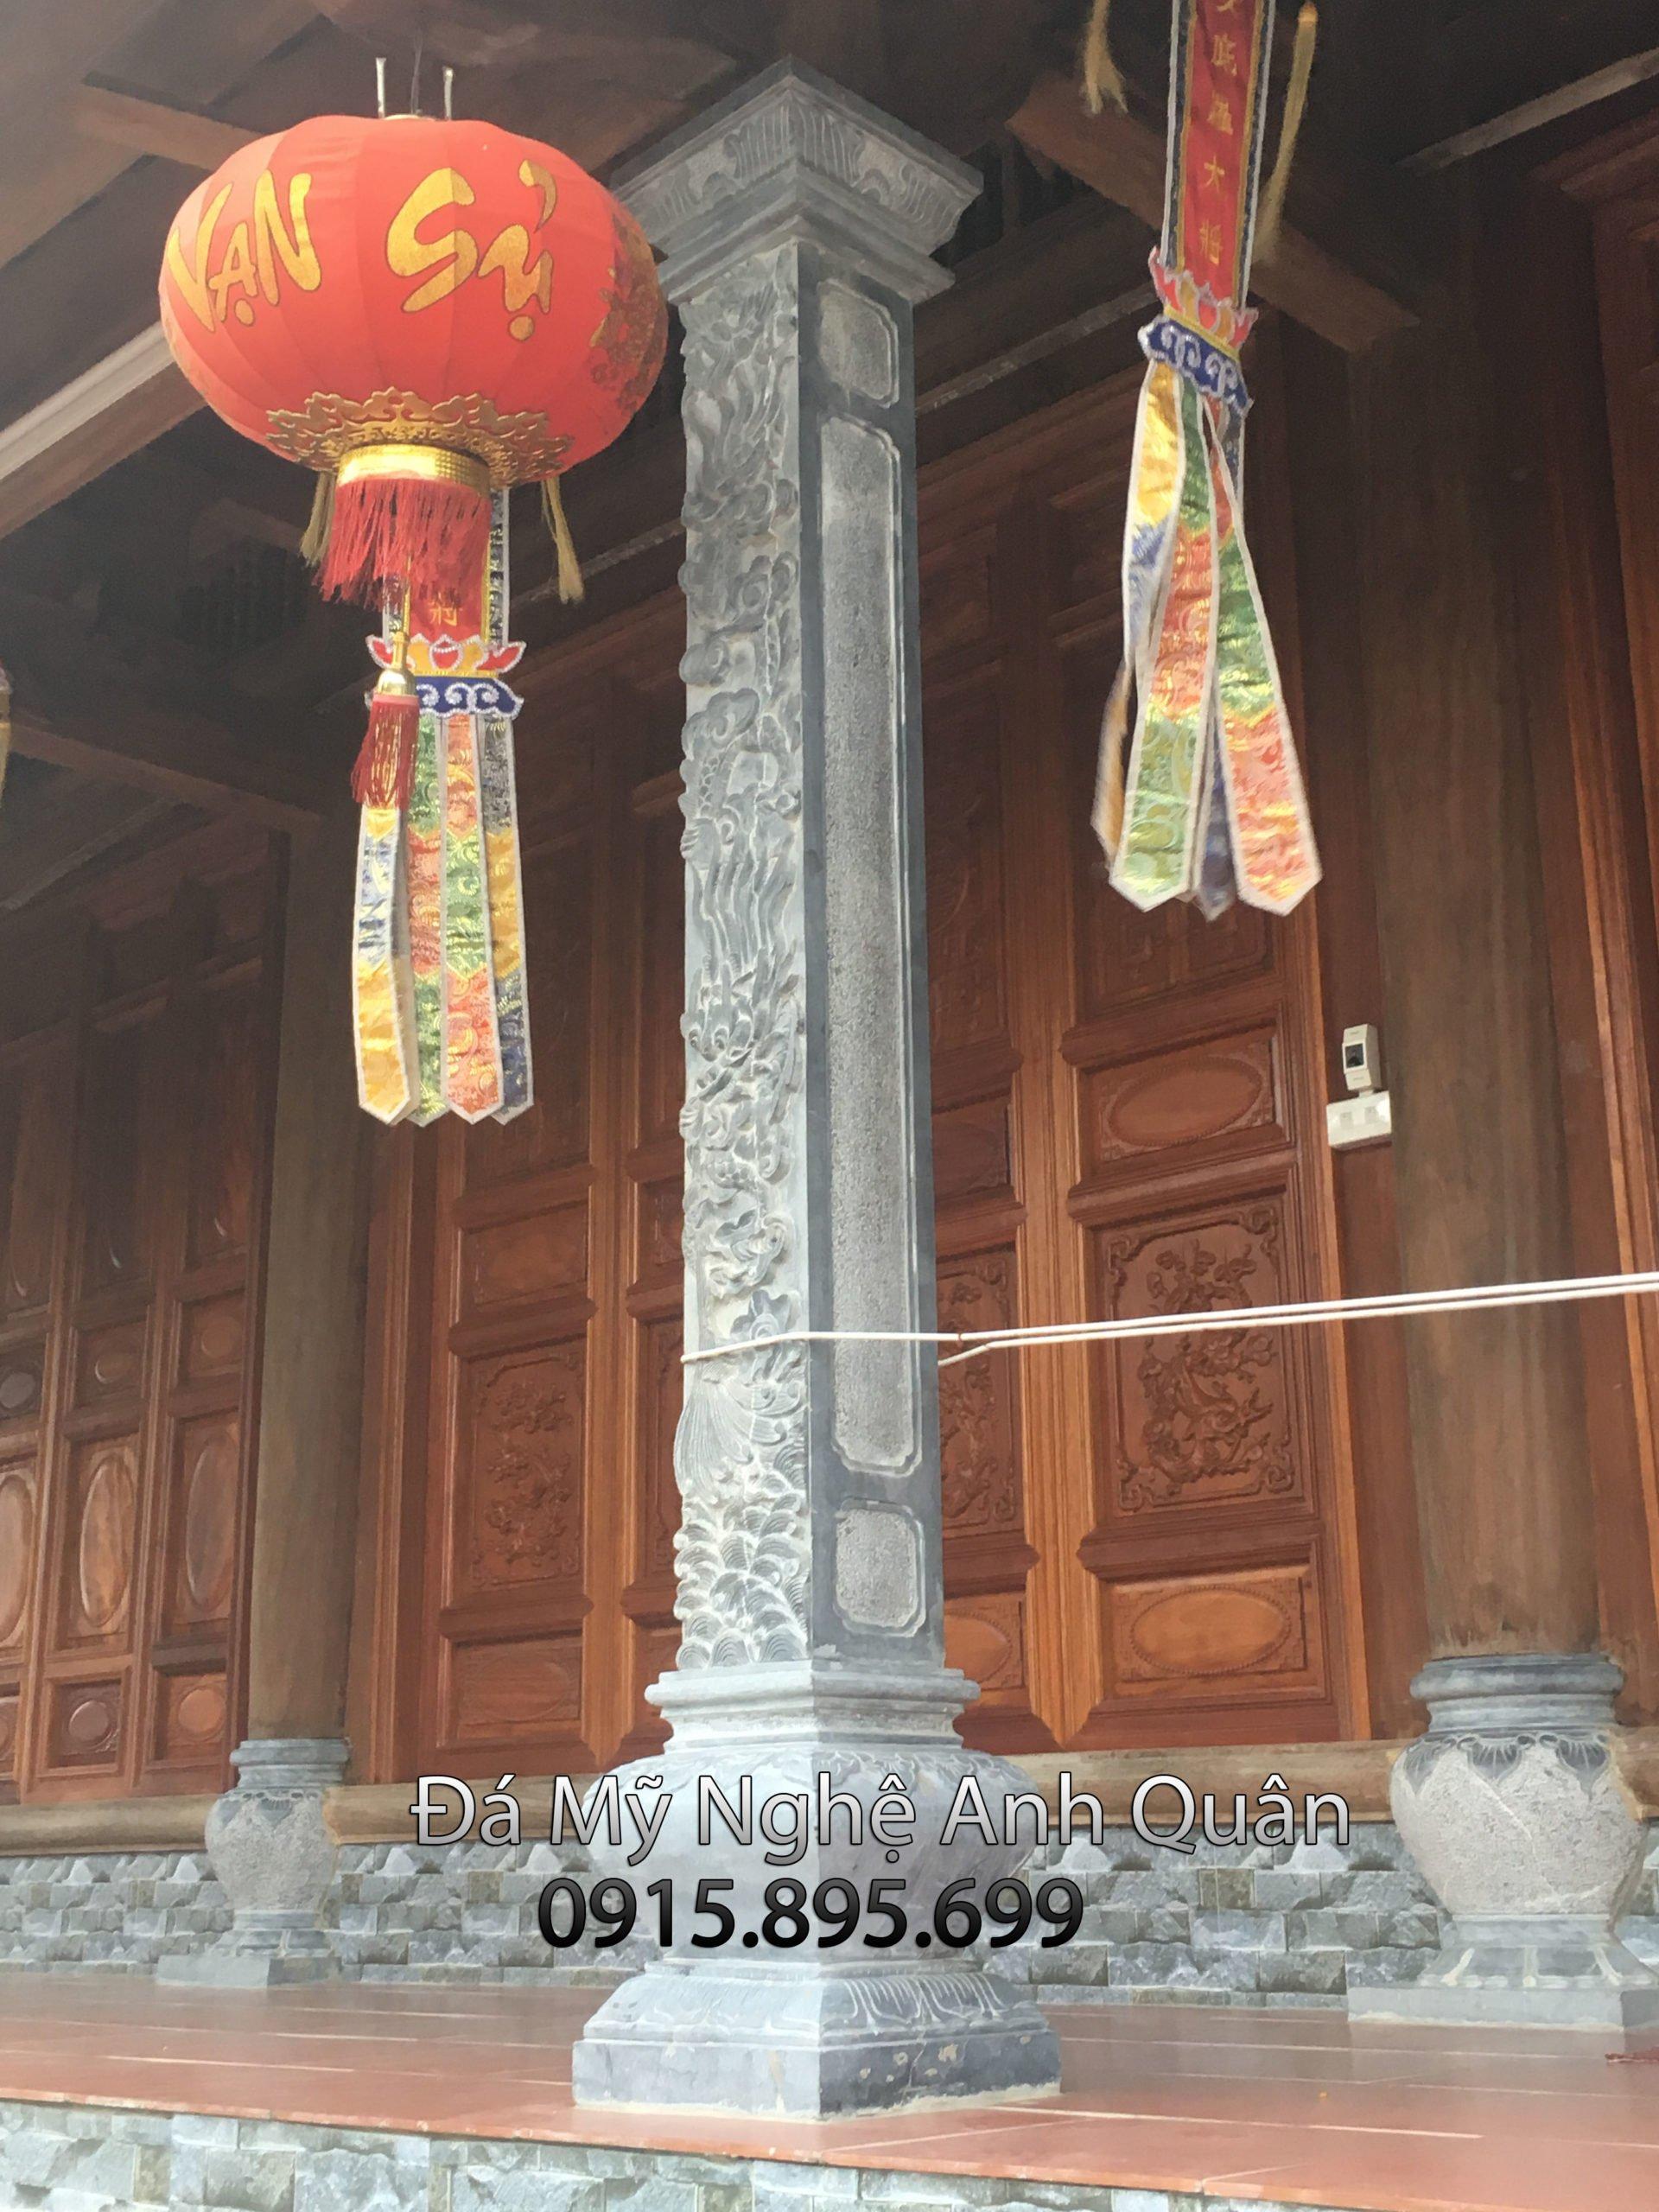 cot da lam nha tho, mẫu cột đá hay làm ở các nhà thờ, đình làng, chùa, điện thờ